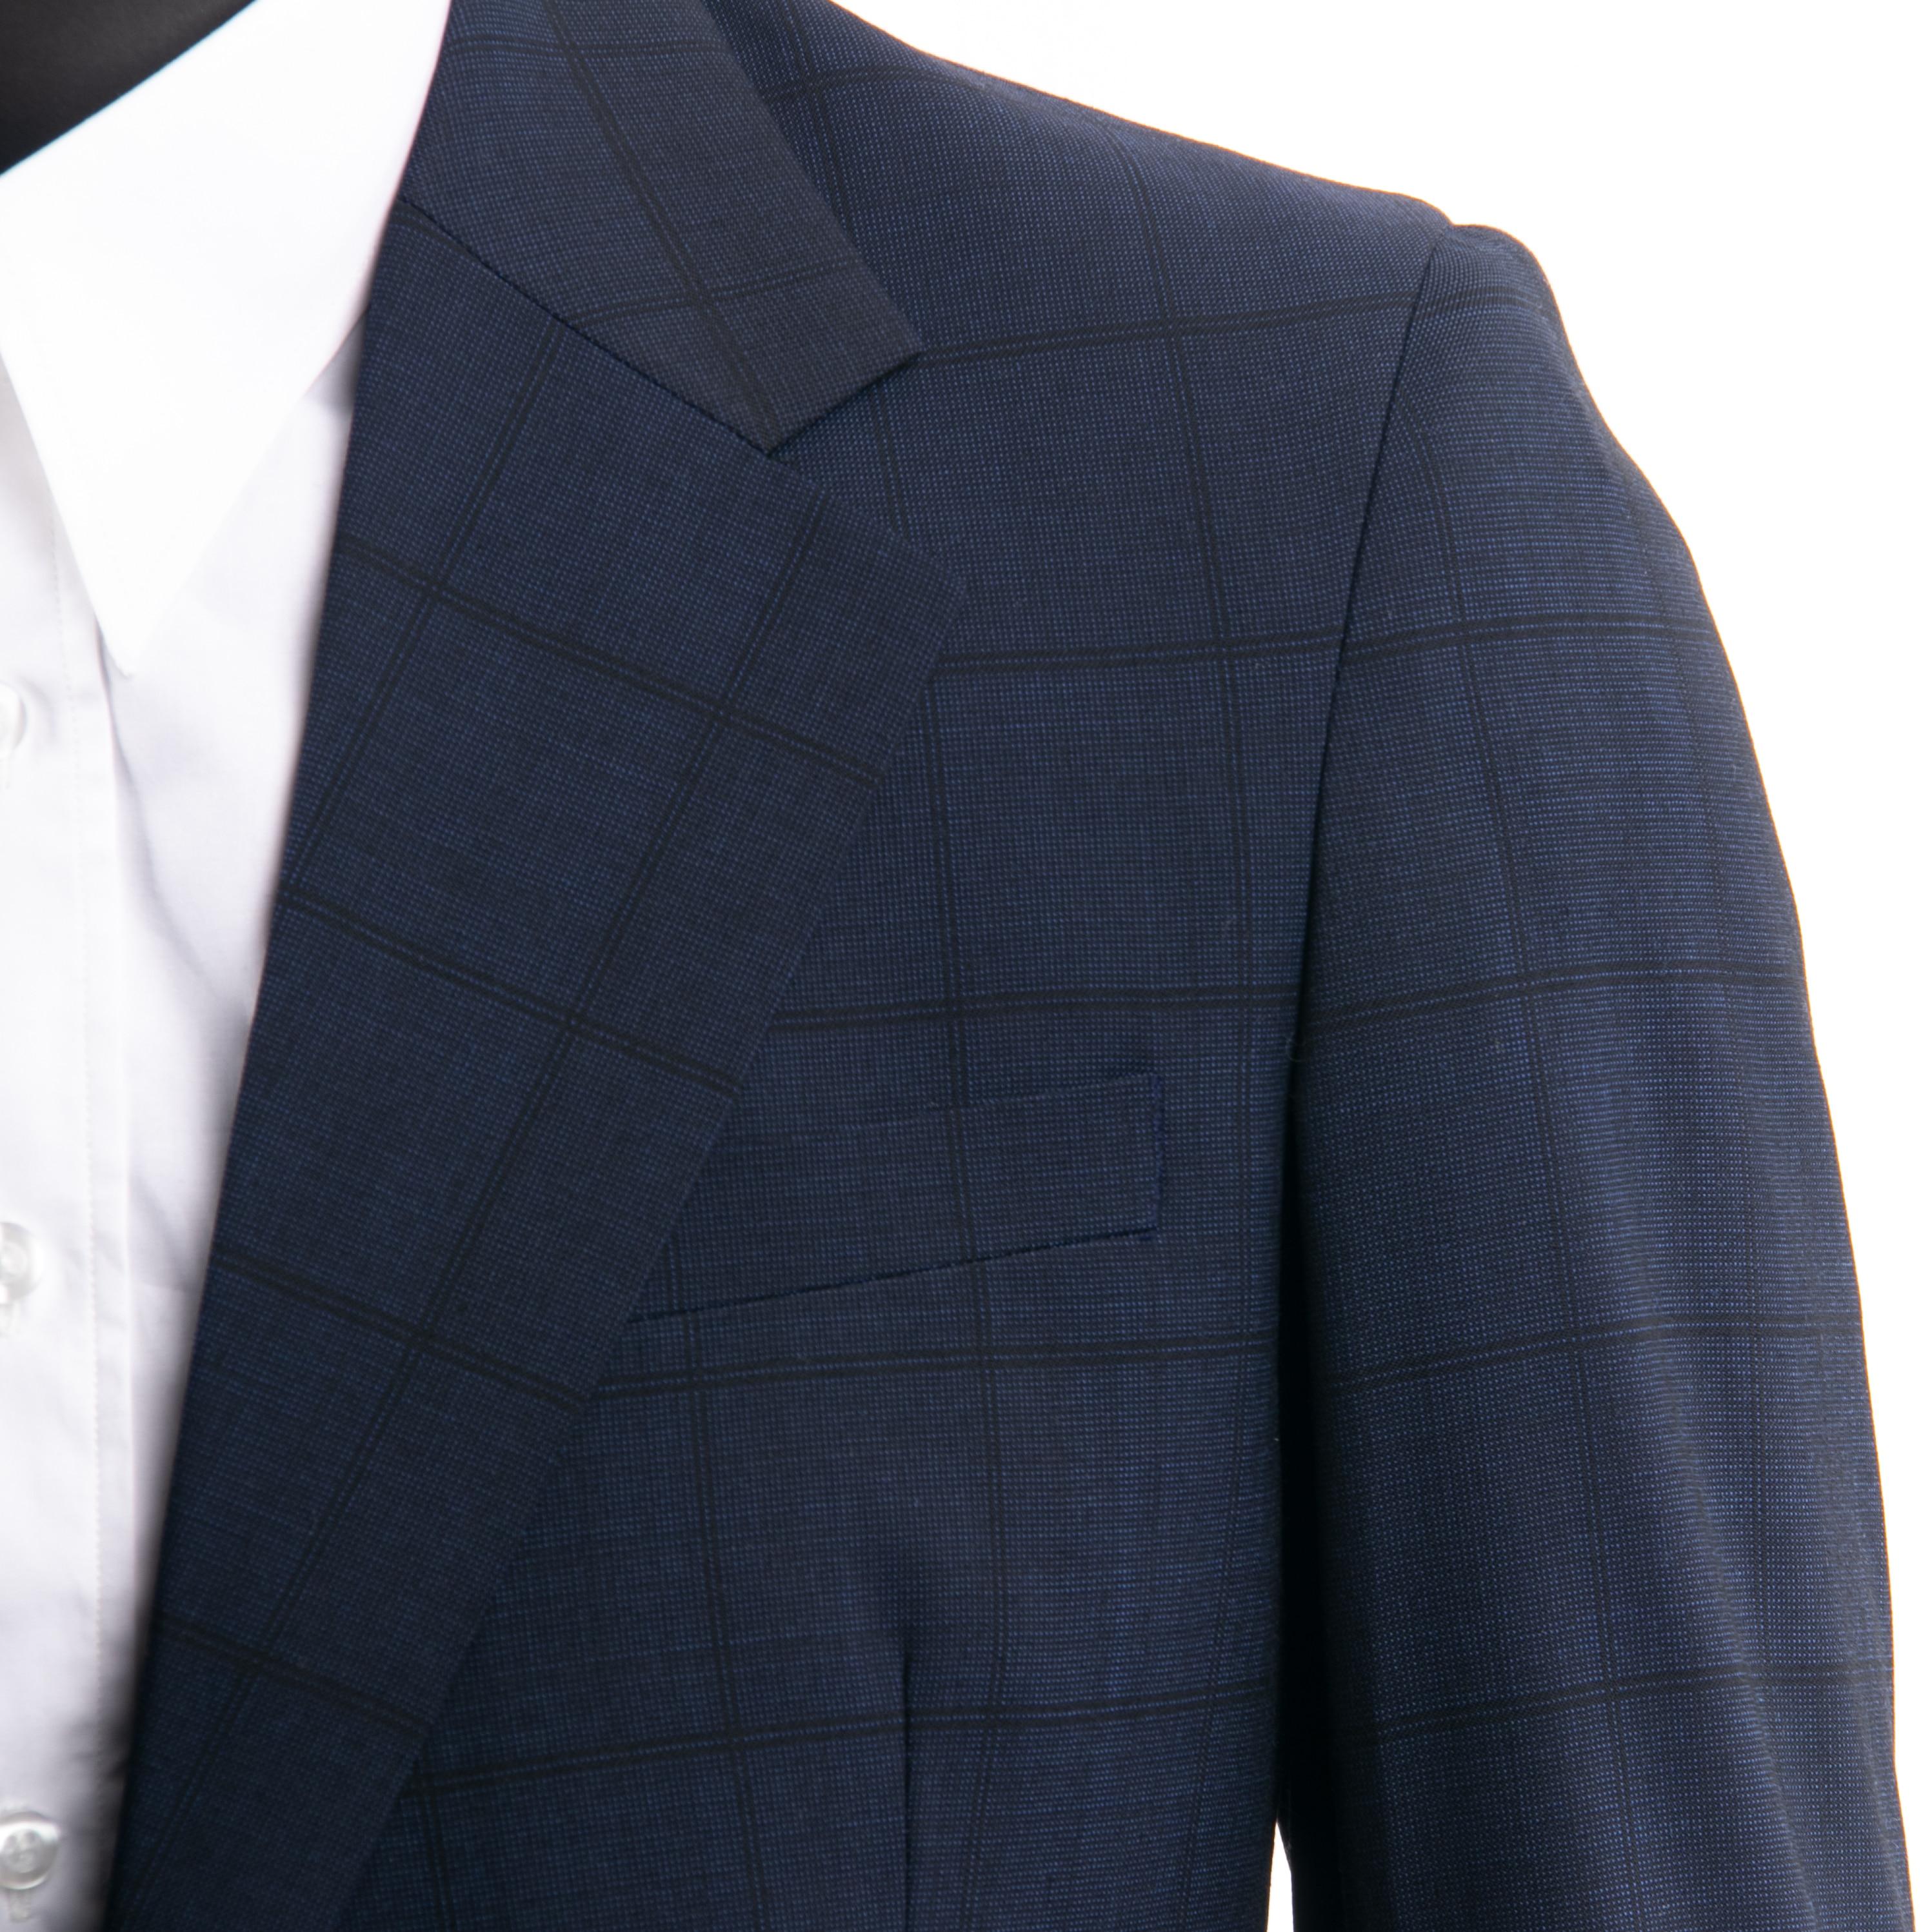 Smart Casual Navy Plaid Anzug Nach Maß Slim Fit Dunkelblau Windowpane Anzüge Mit Nailhead Muster, subtile Plaid Wolle Mischung Anzug-in Anzüge aus Herrenbekleidung bei  Gruppe 1